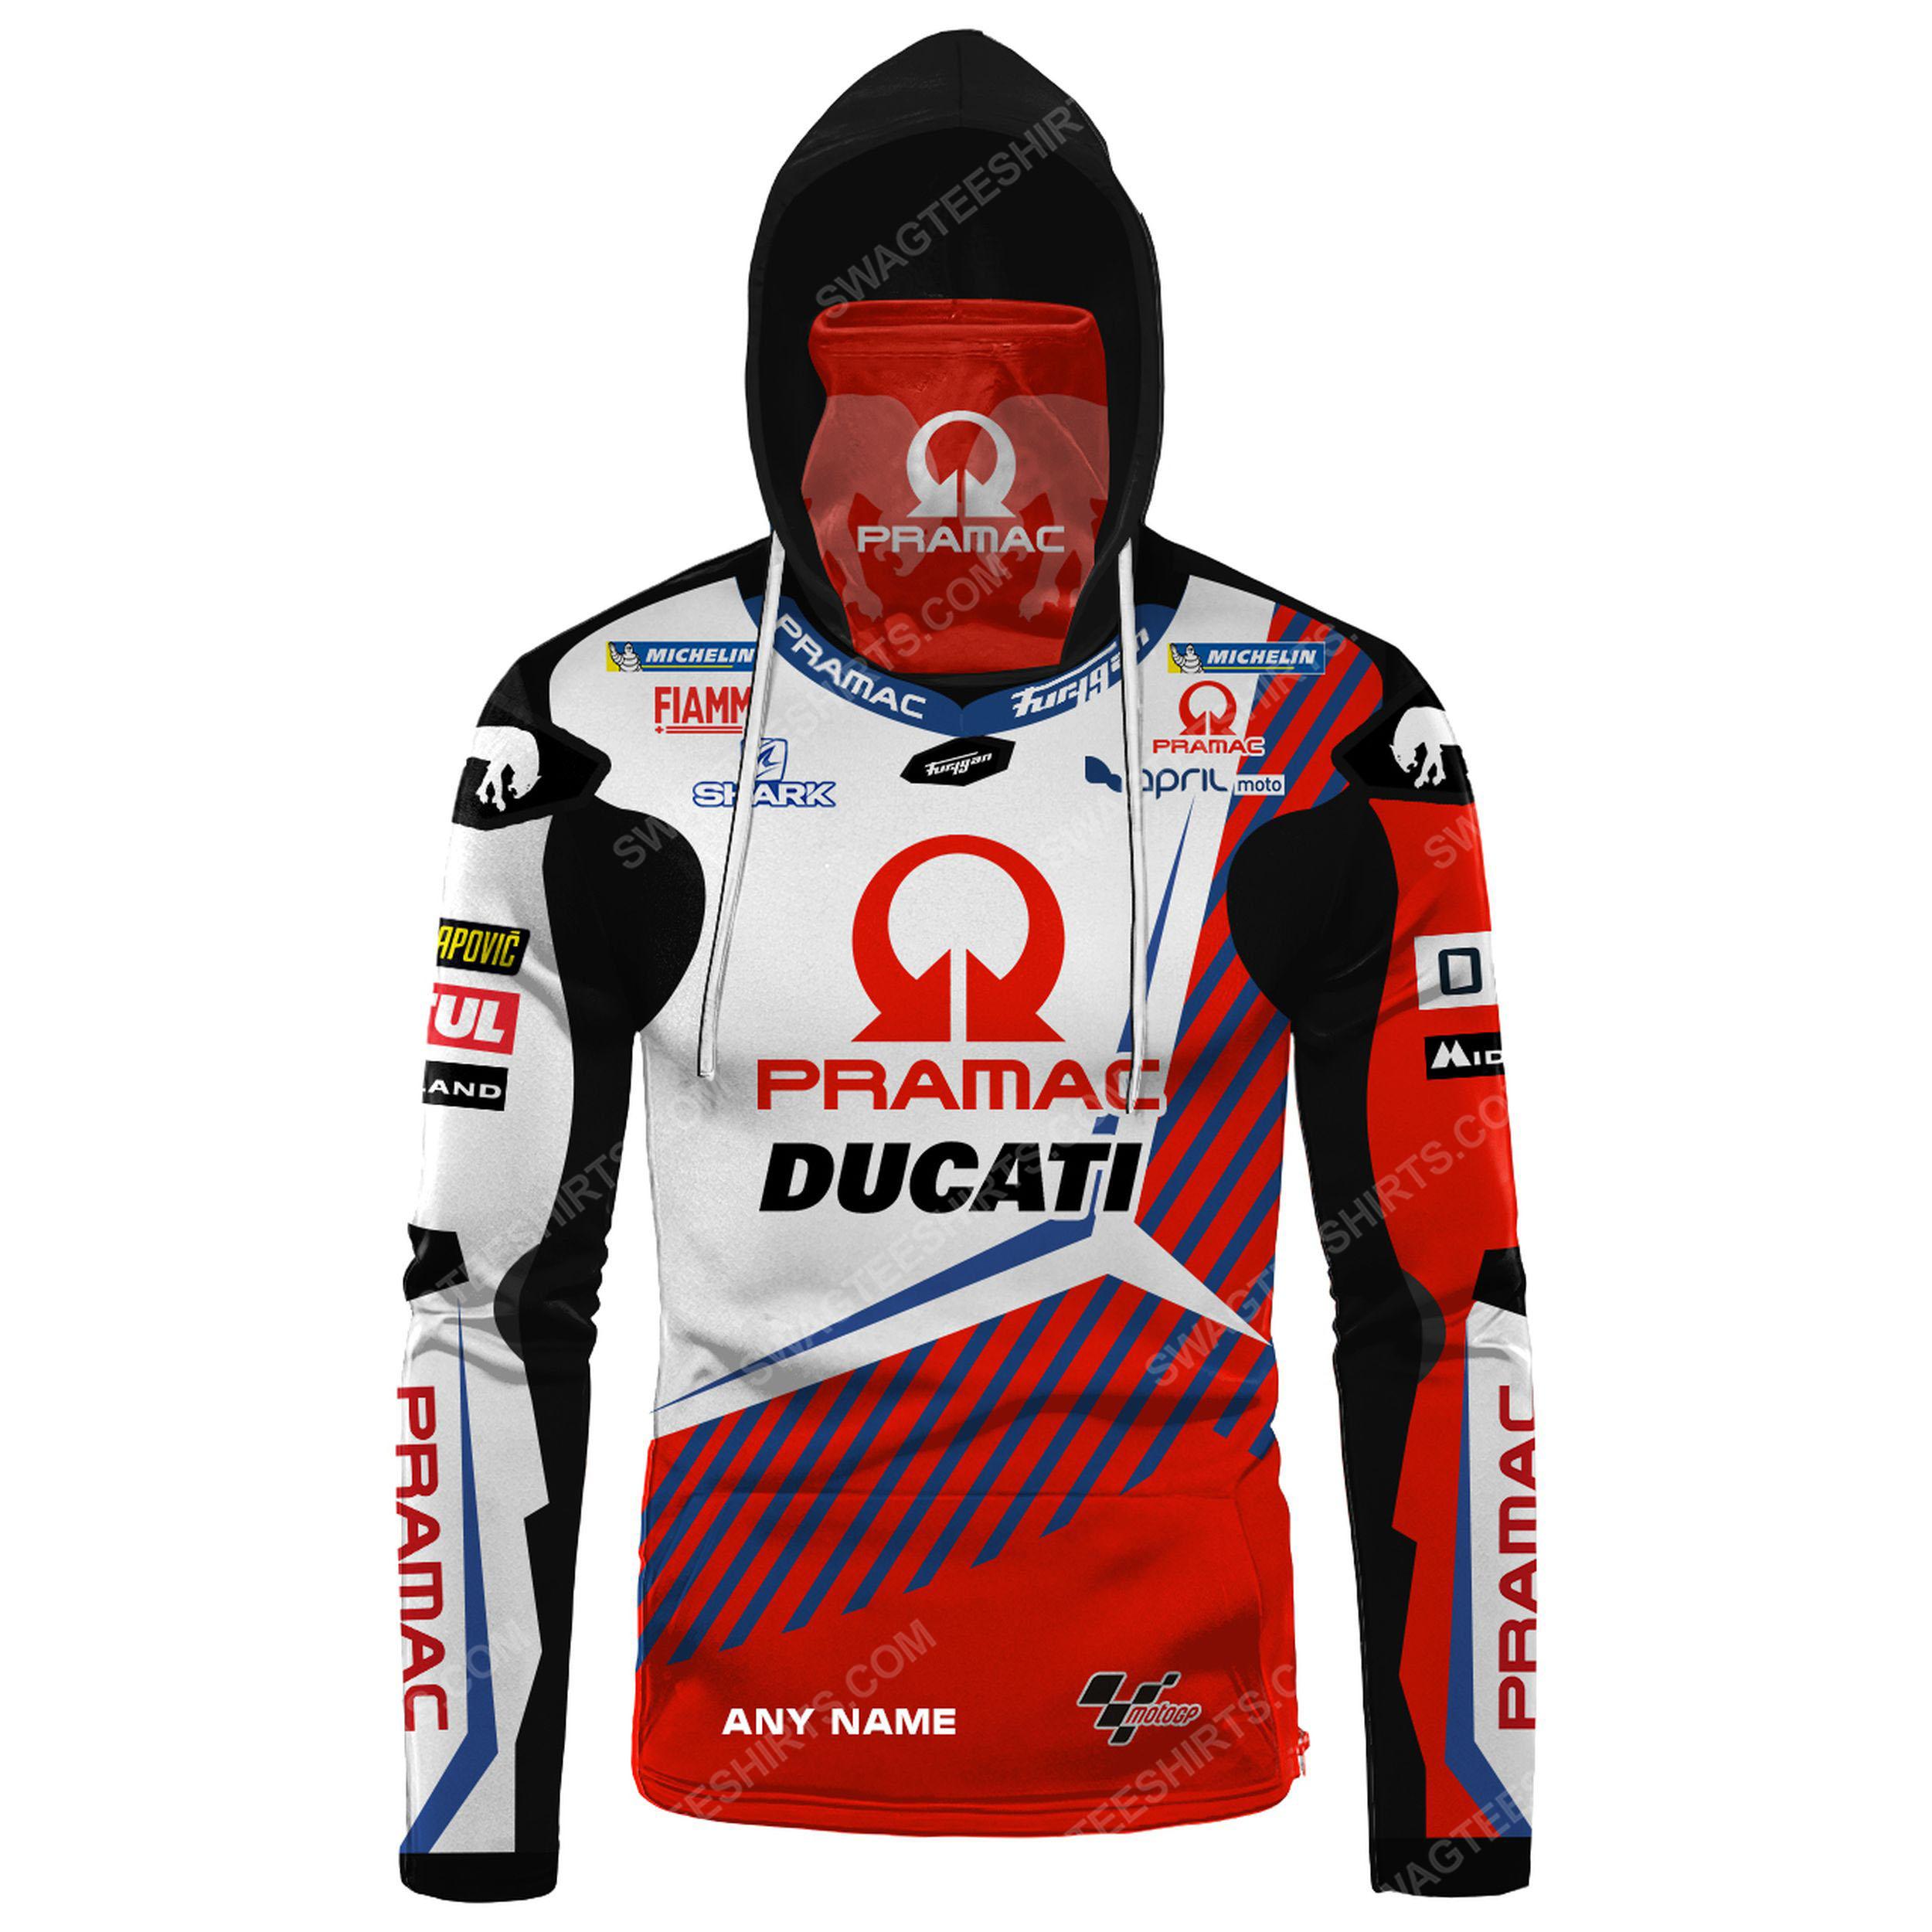 Custom name pramac racing ducati full print mask hoodie 2(1) - Copy